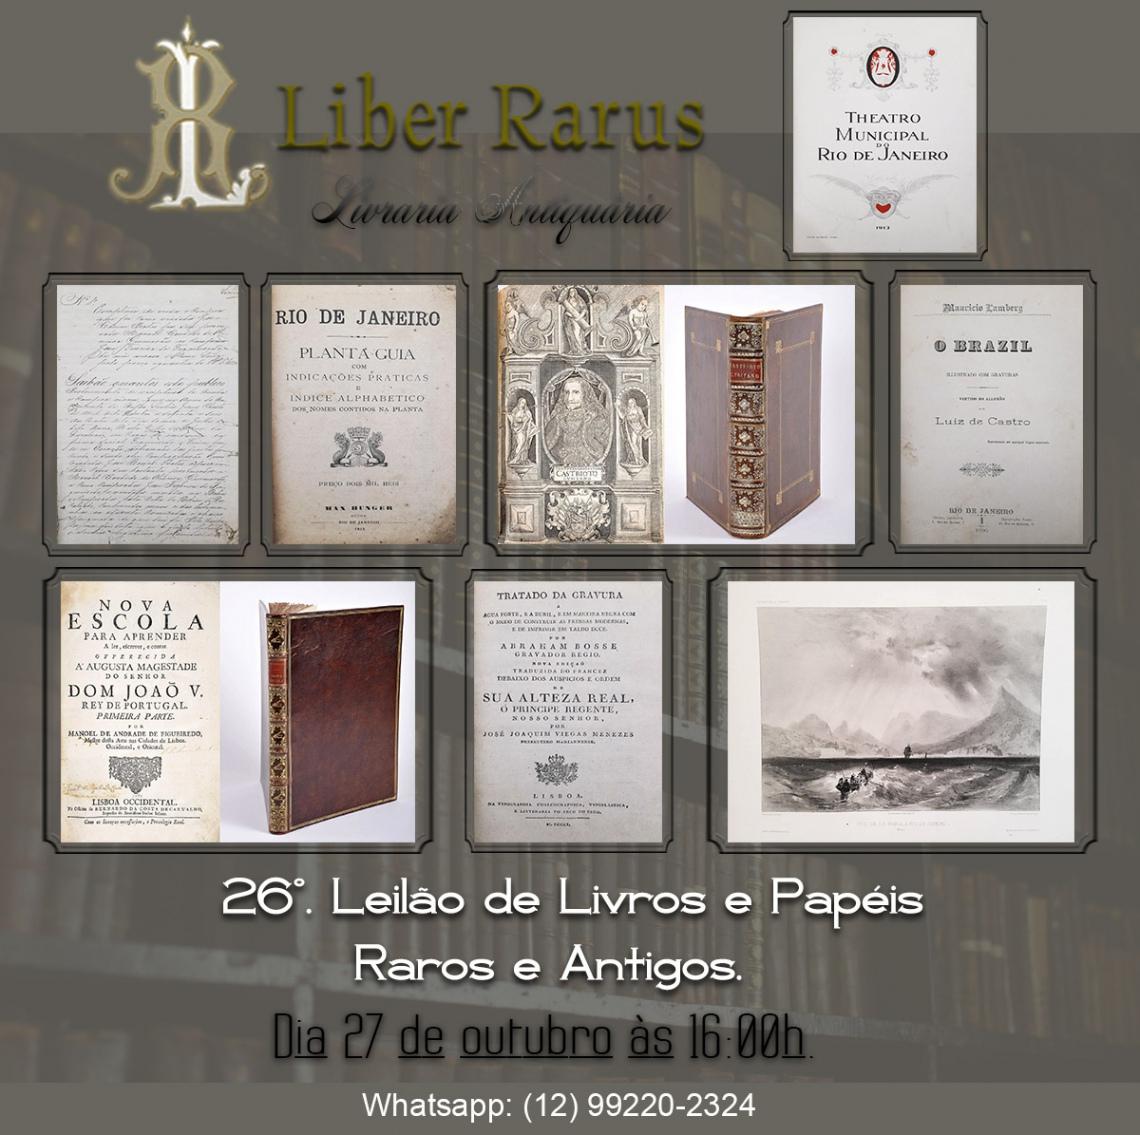 26º Leilão de Livros e Papéis Raros e Antigos - Liber Rarus - 27/10/2021 - 16h00